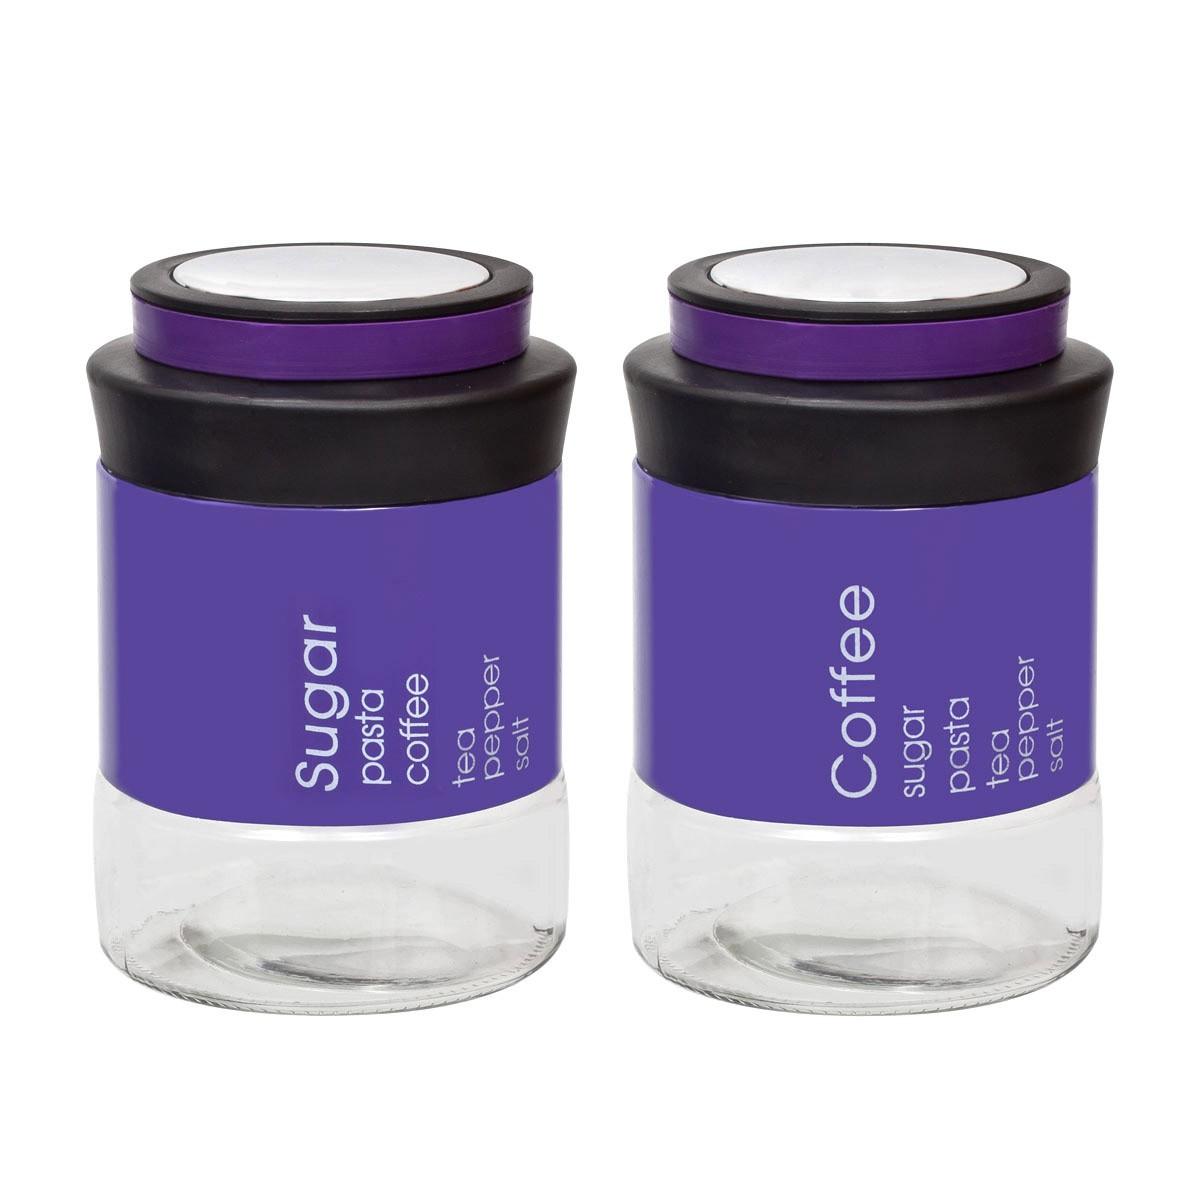 Δοχείο Ζάχαρης + Καφέ (Σετ) Marva Country Vision Purple 717007 88149